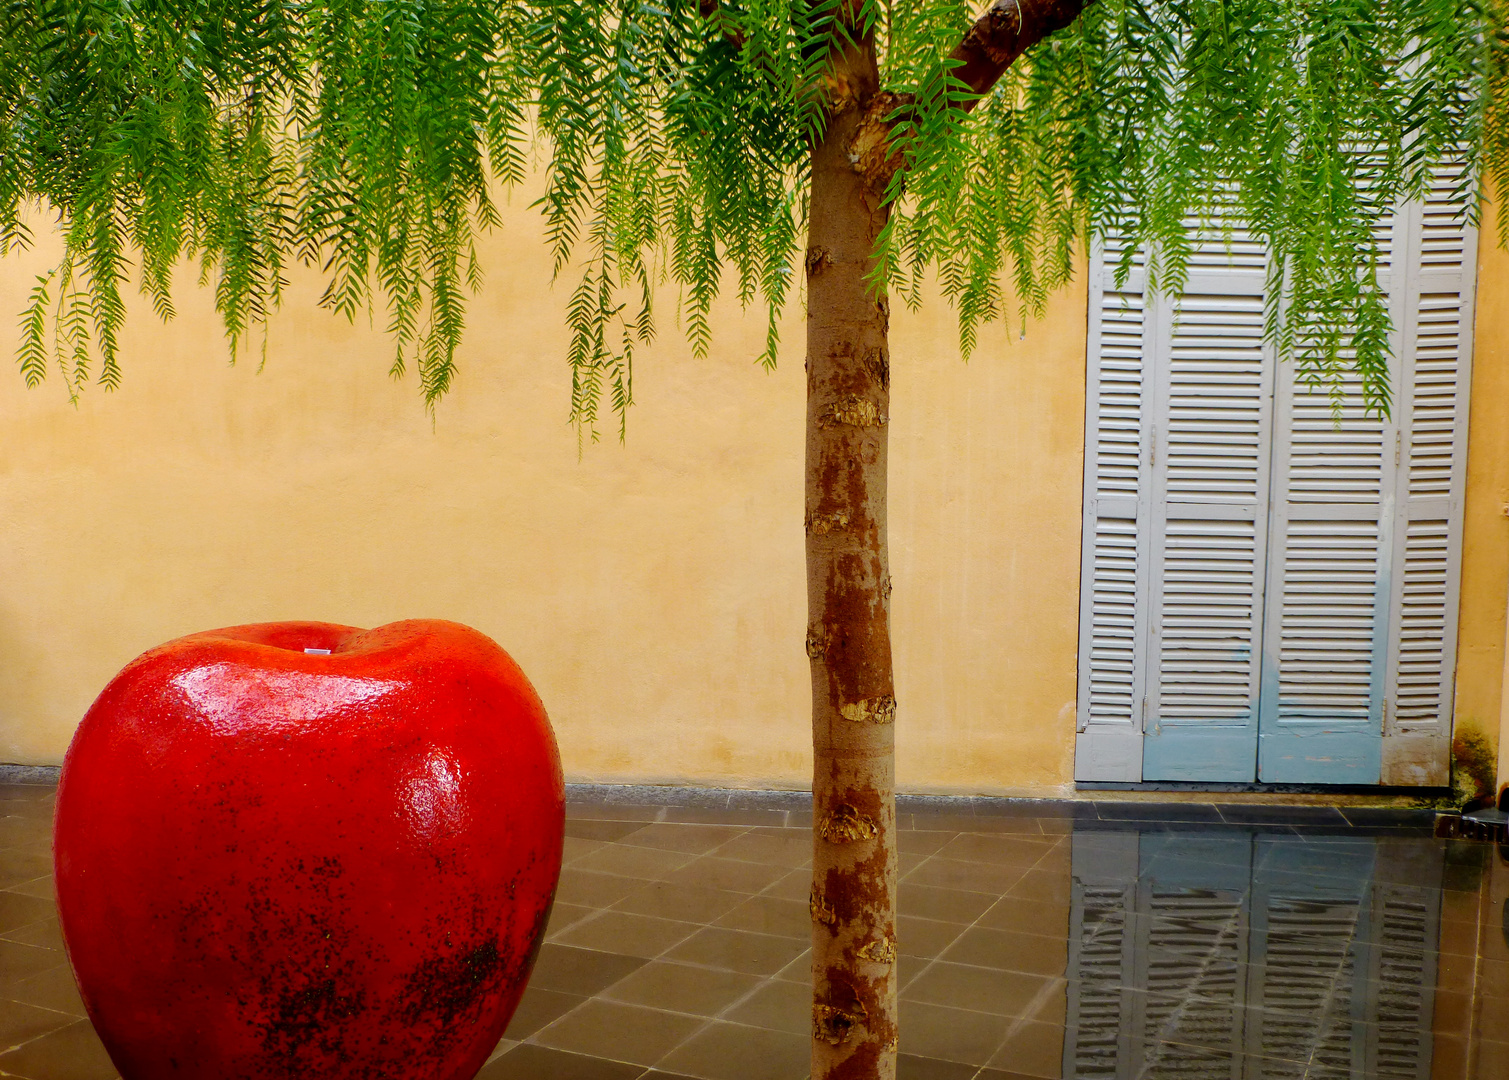 Est-ce la pluie qui a fait grossir la pomme...